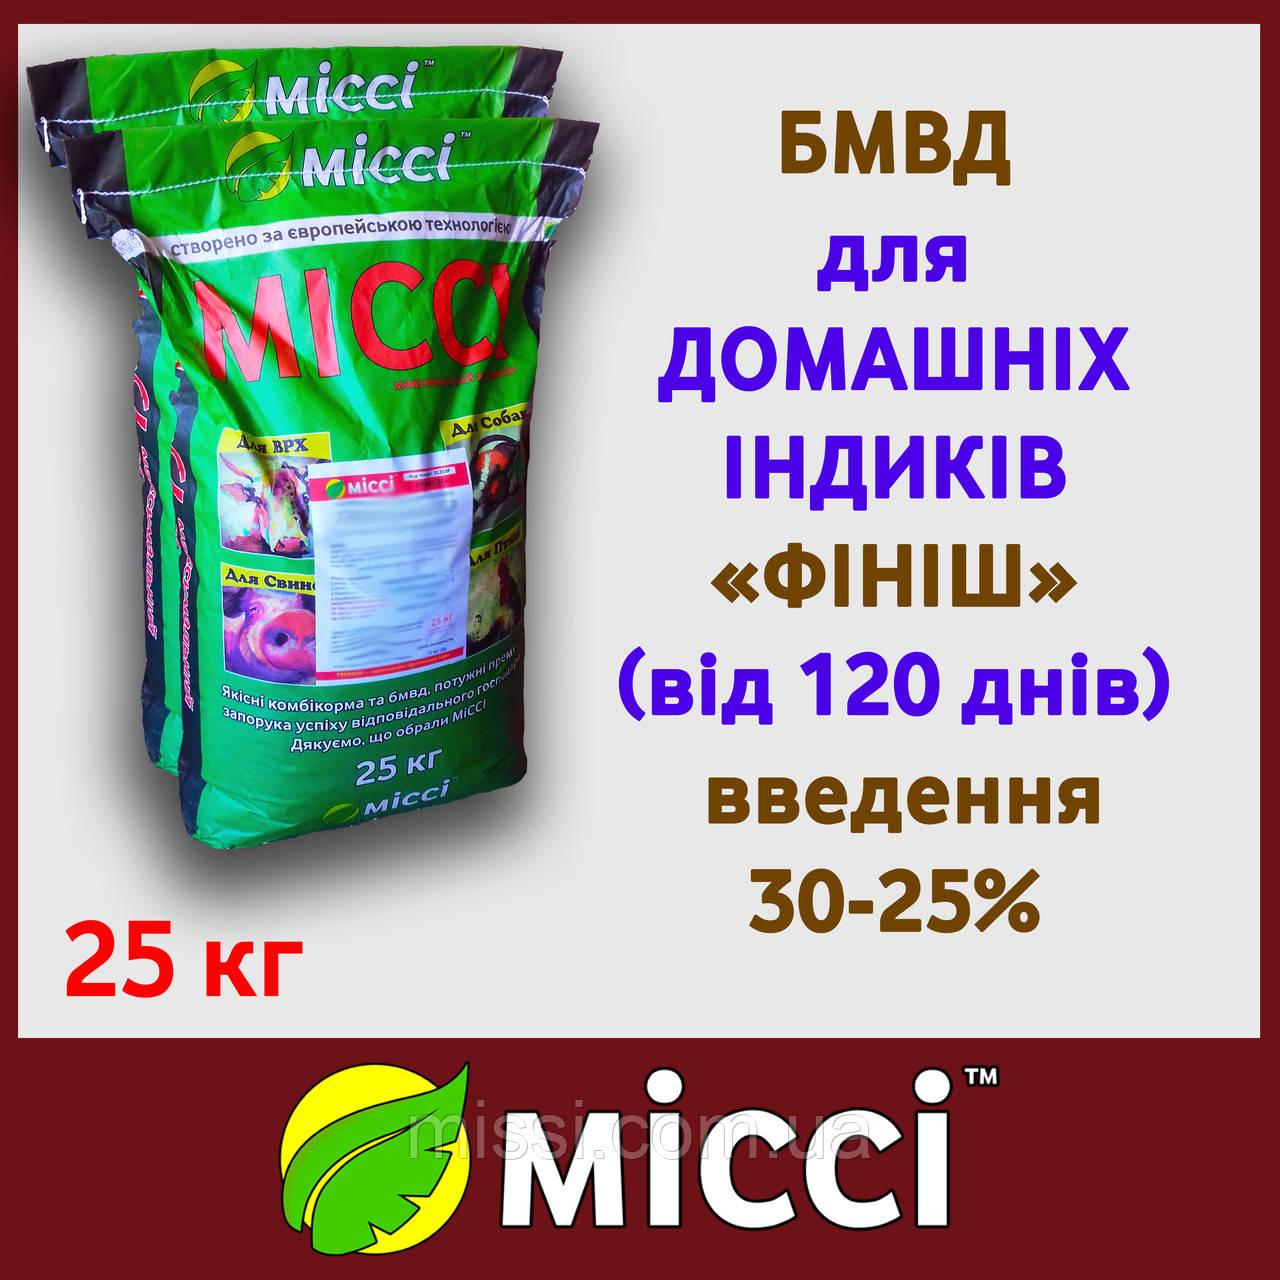 """БМВД 30% """"Домашній індик"""" ФІНІШЕР Міссі"""